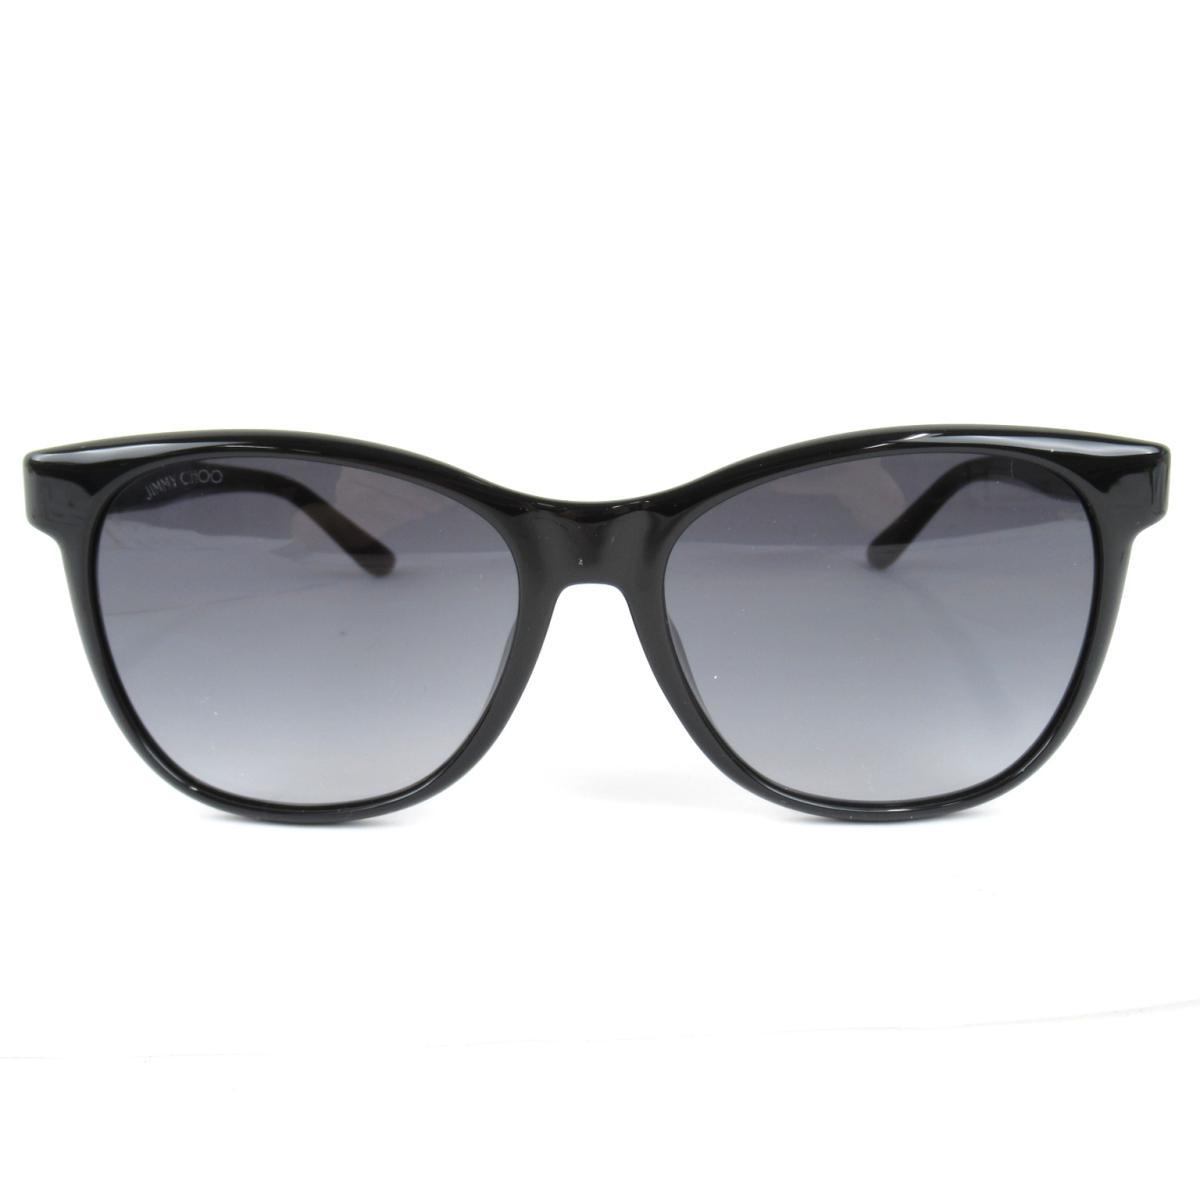 ジミーチュウ JUNE/F サングラス ウェリントン メンズ レディース フレーム:プラスチック/レンズ:プラスチック ブラック x (JUNE/F 807/90)   JIMMY CHOO BRANDOFF ブランドオフ 眼鏡 メガネ めがね